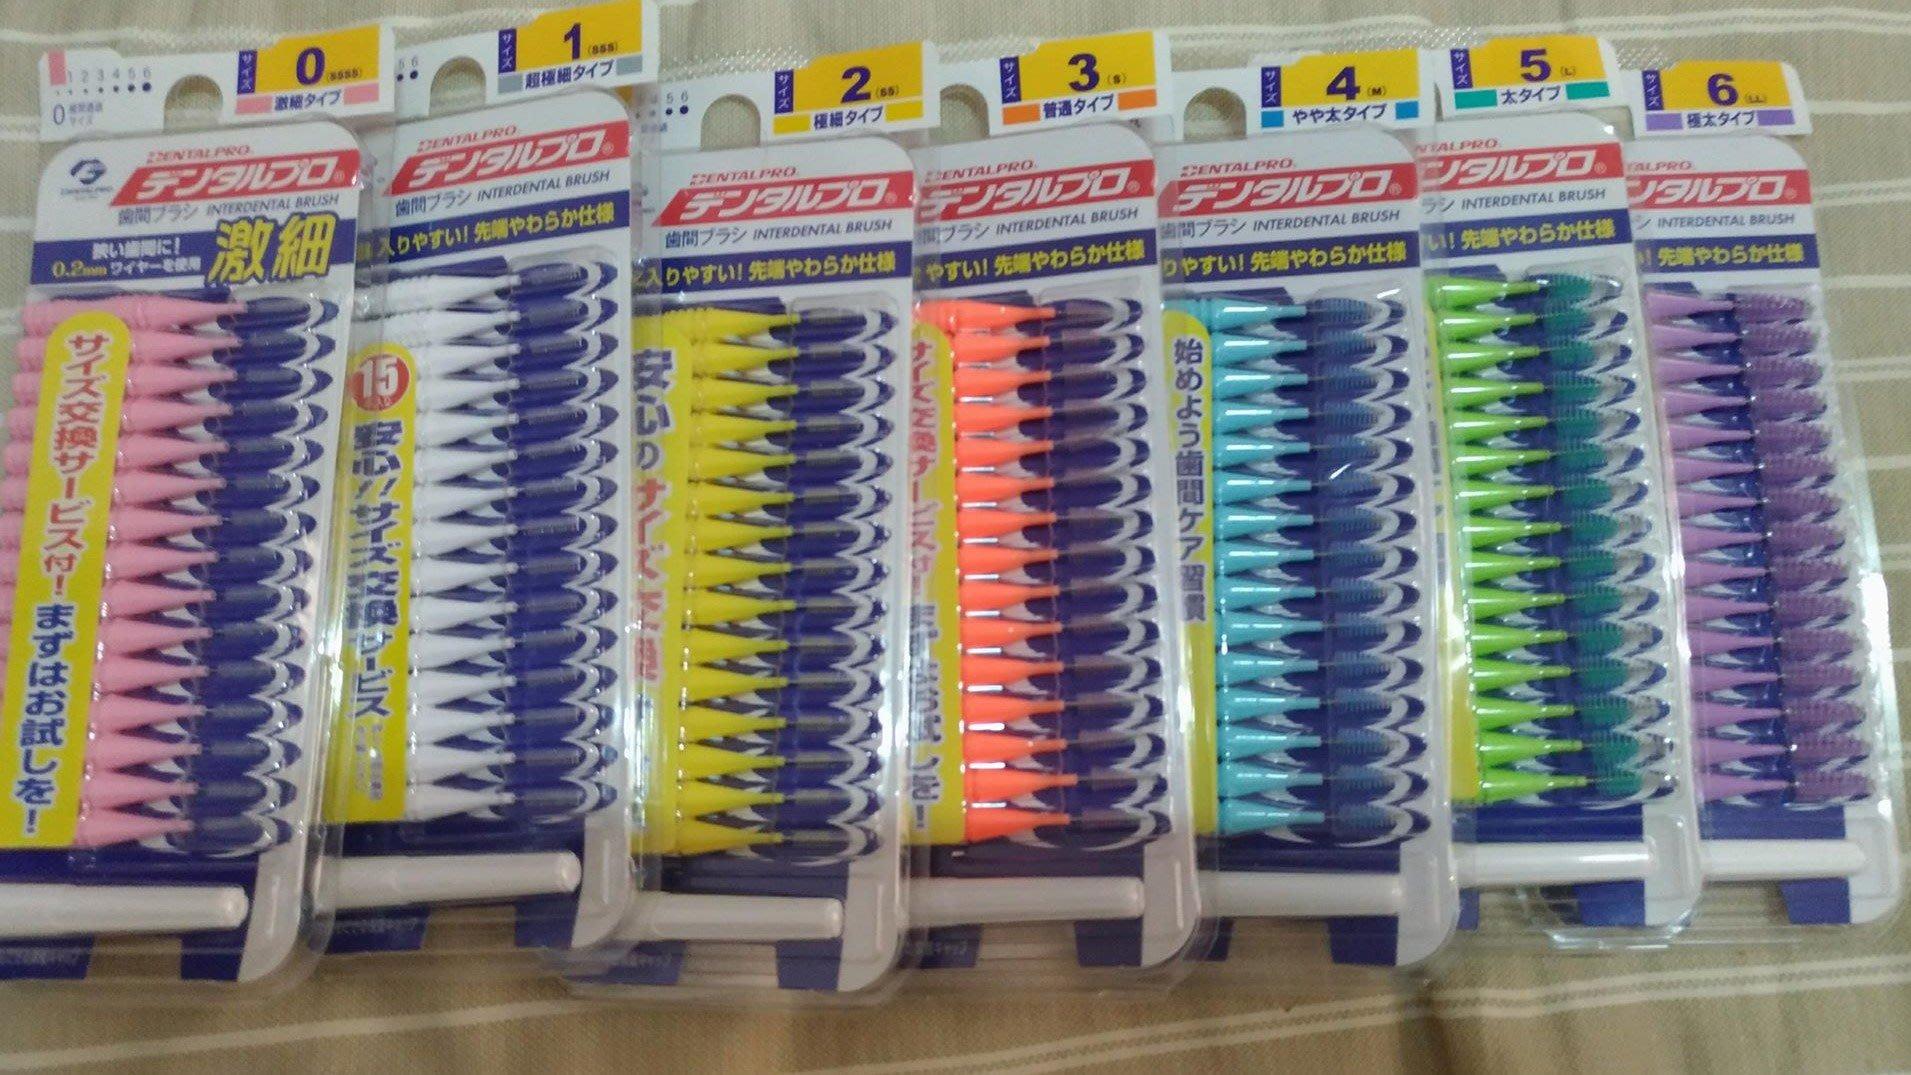 【路路貓 】 Jacks 牙間刷 齒間刷 15入 7種型號可選擇 日本帶回,現貨